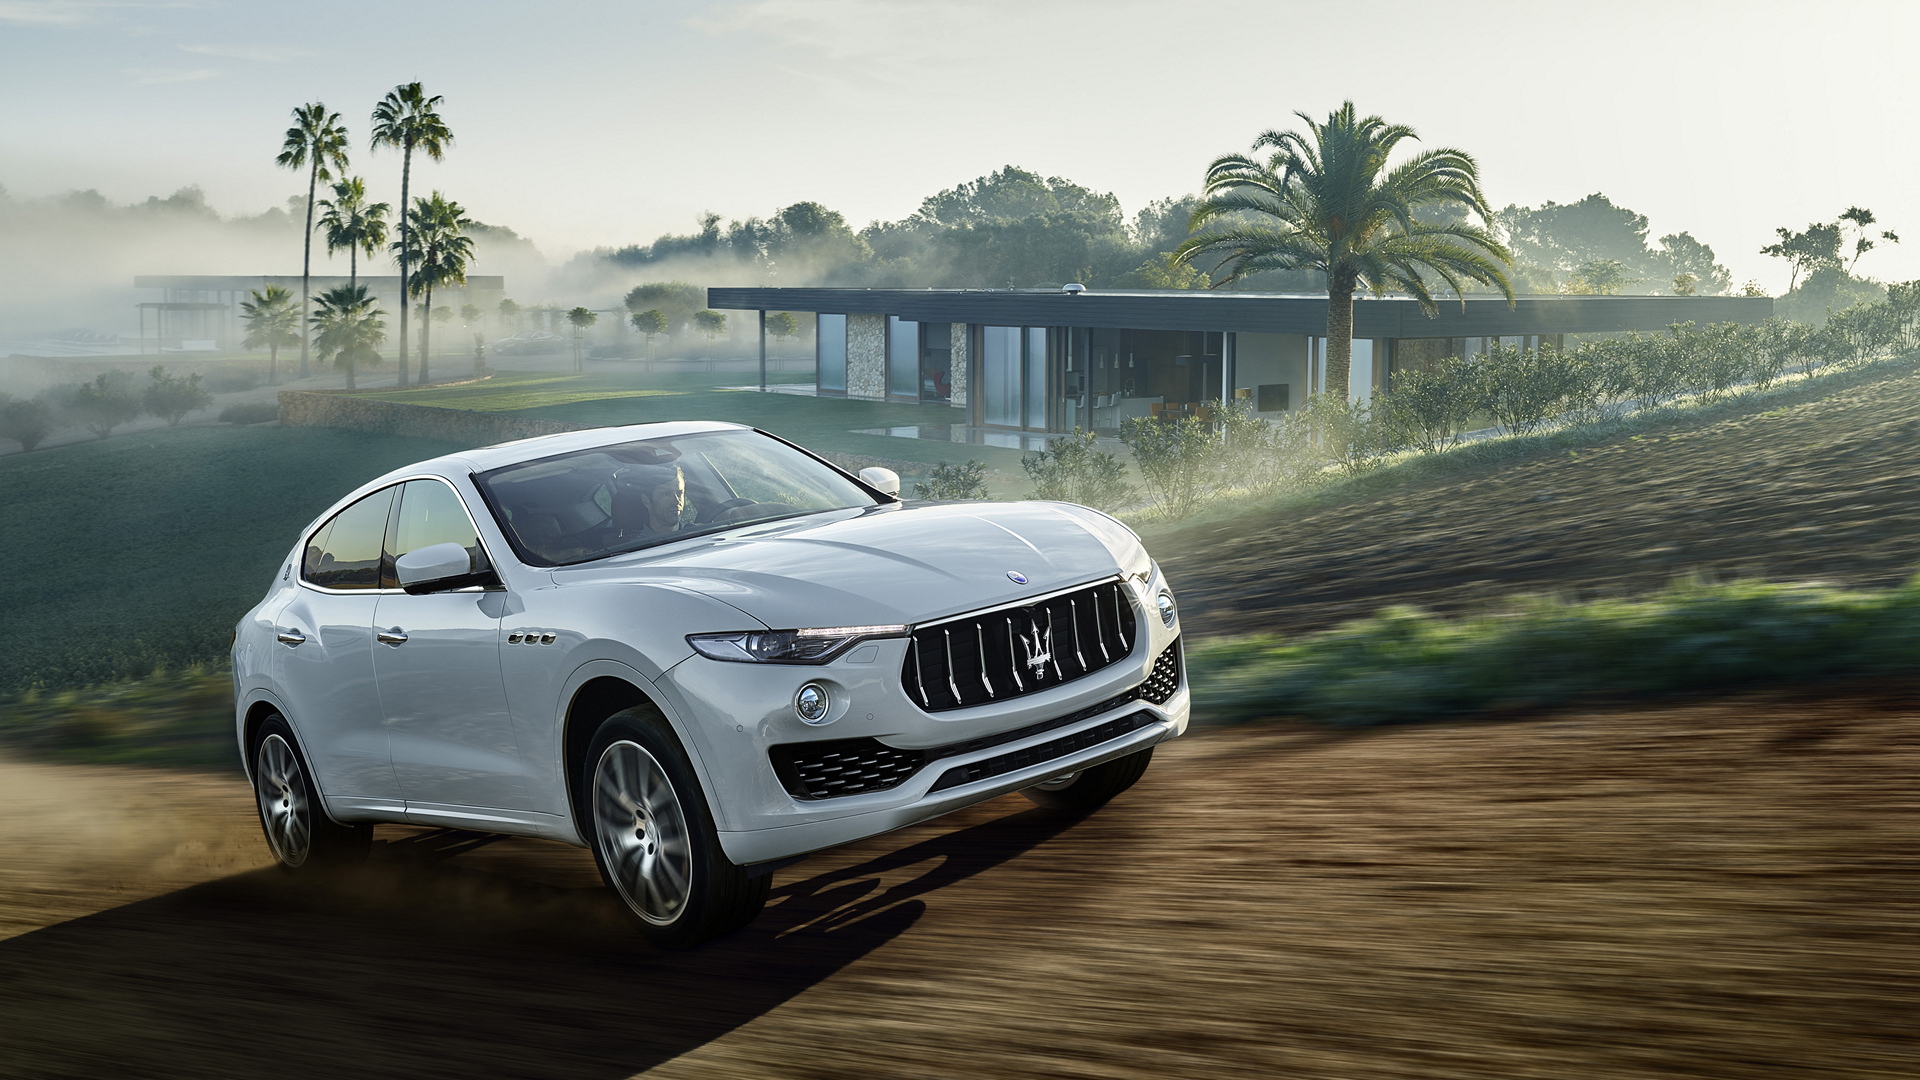 Maserati Levante © Fiat Chrysler Automobiles N.V.